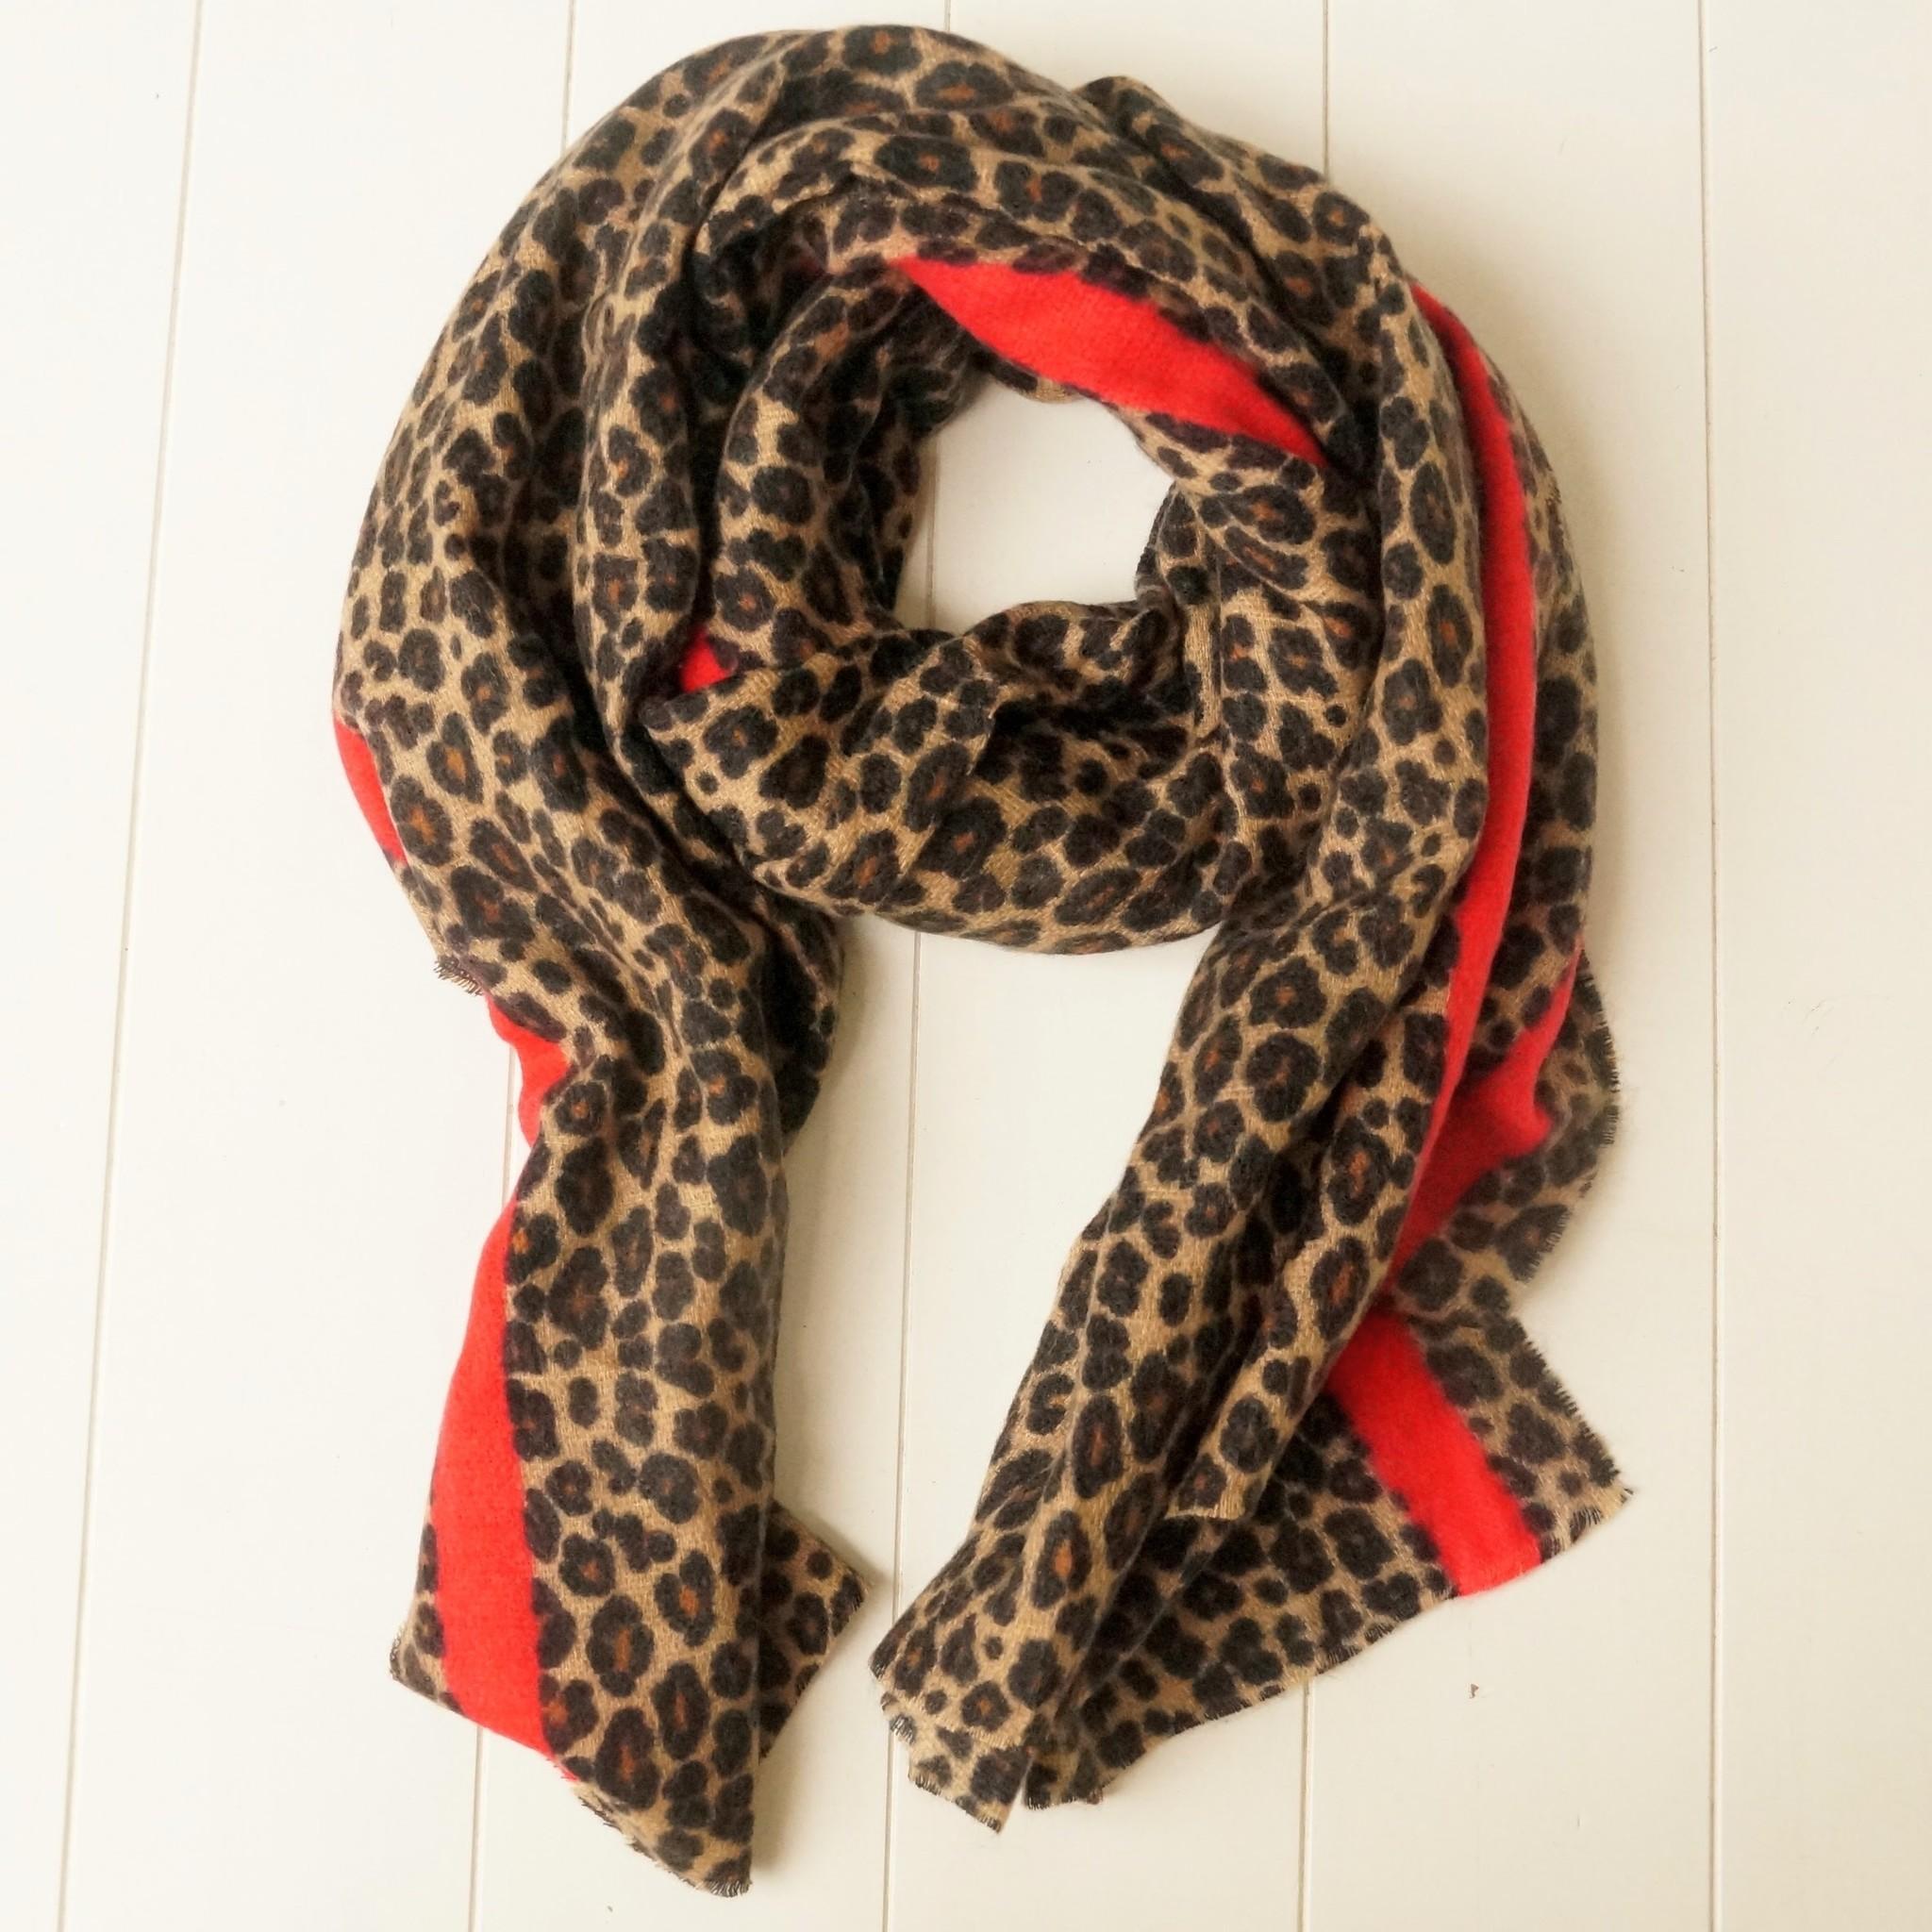 Leopard sjaal met rode streep